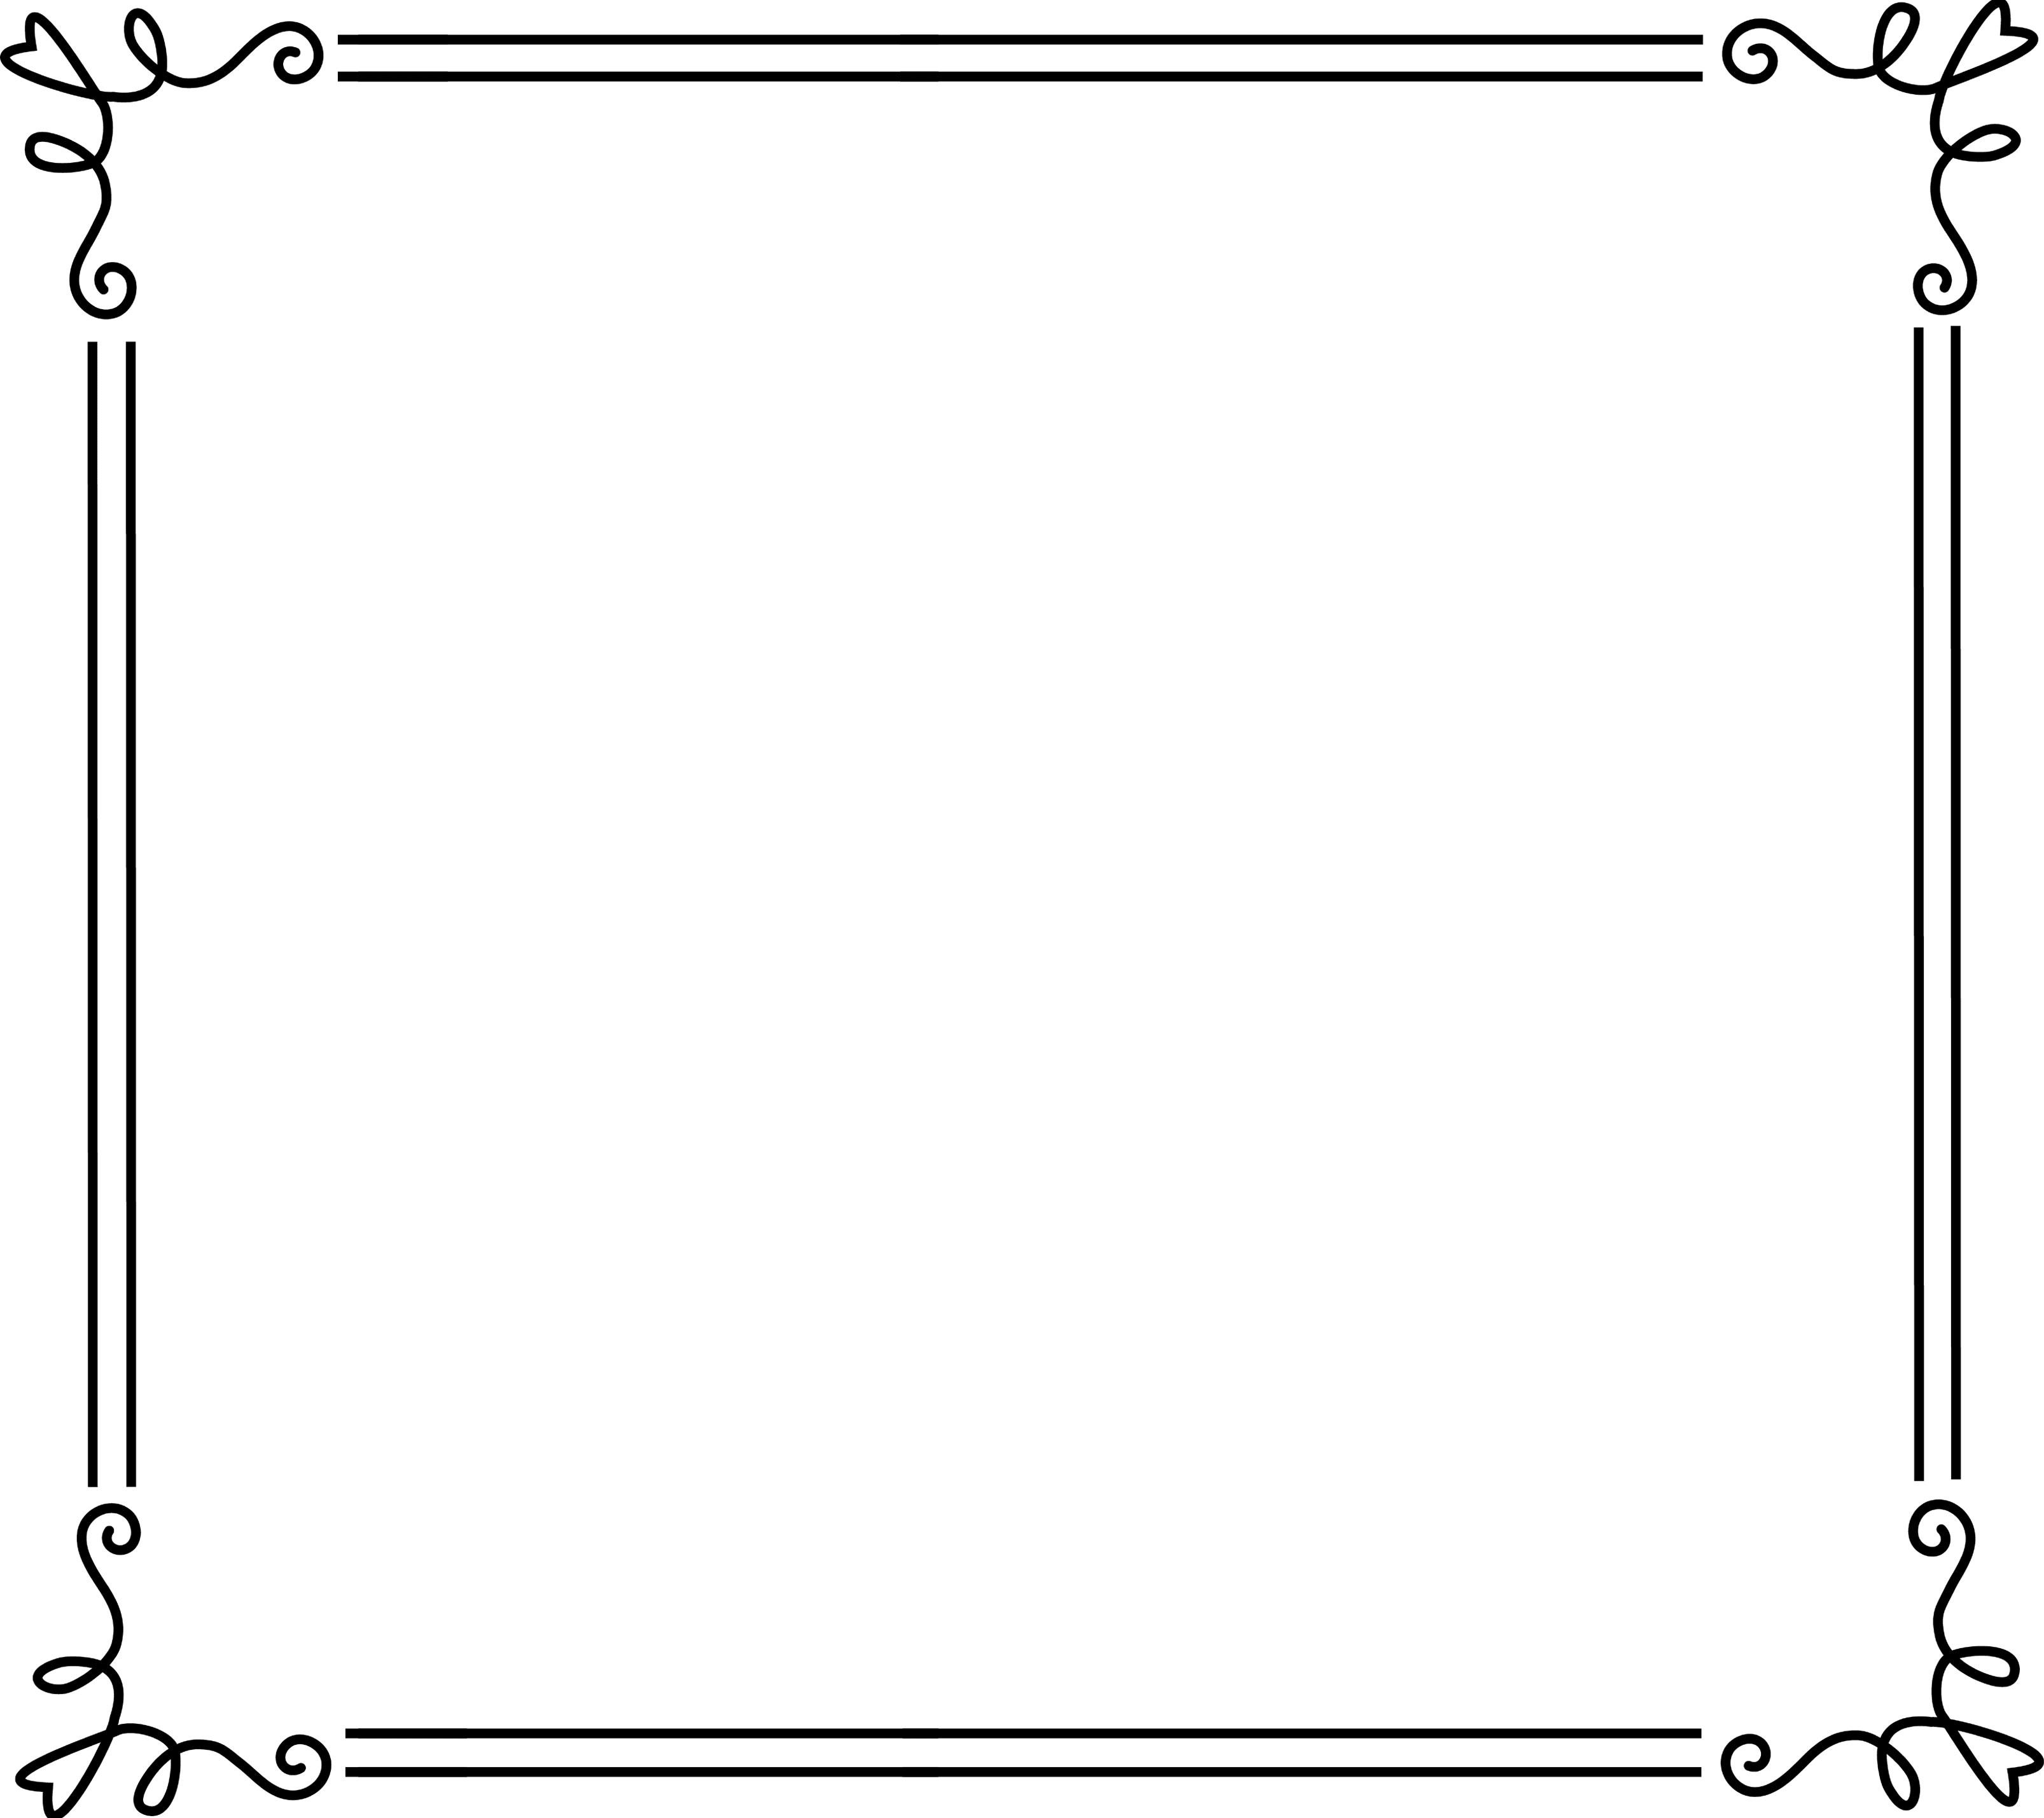 イラスト イラスト枠 無料 ダウンロード : 無料で使える寄せ書きデザイン ...